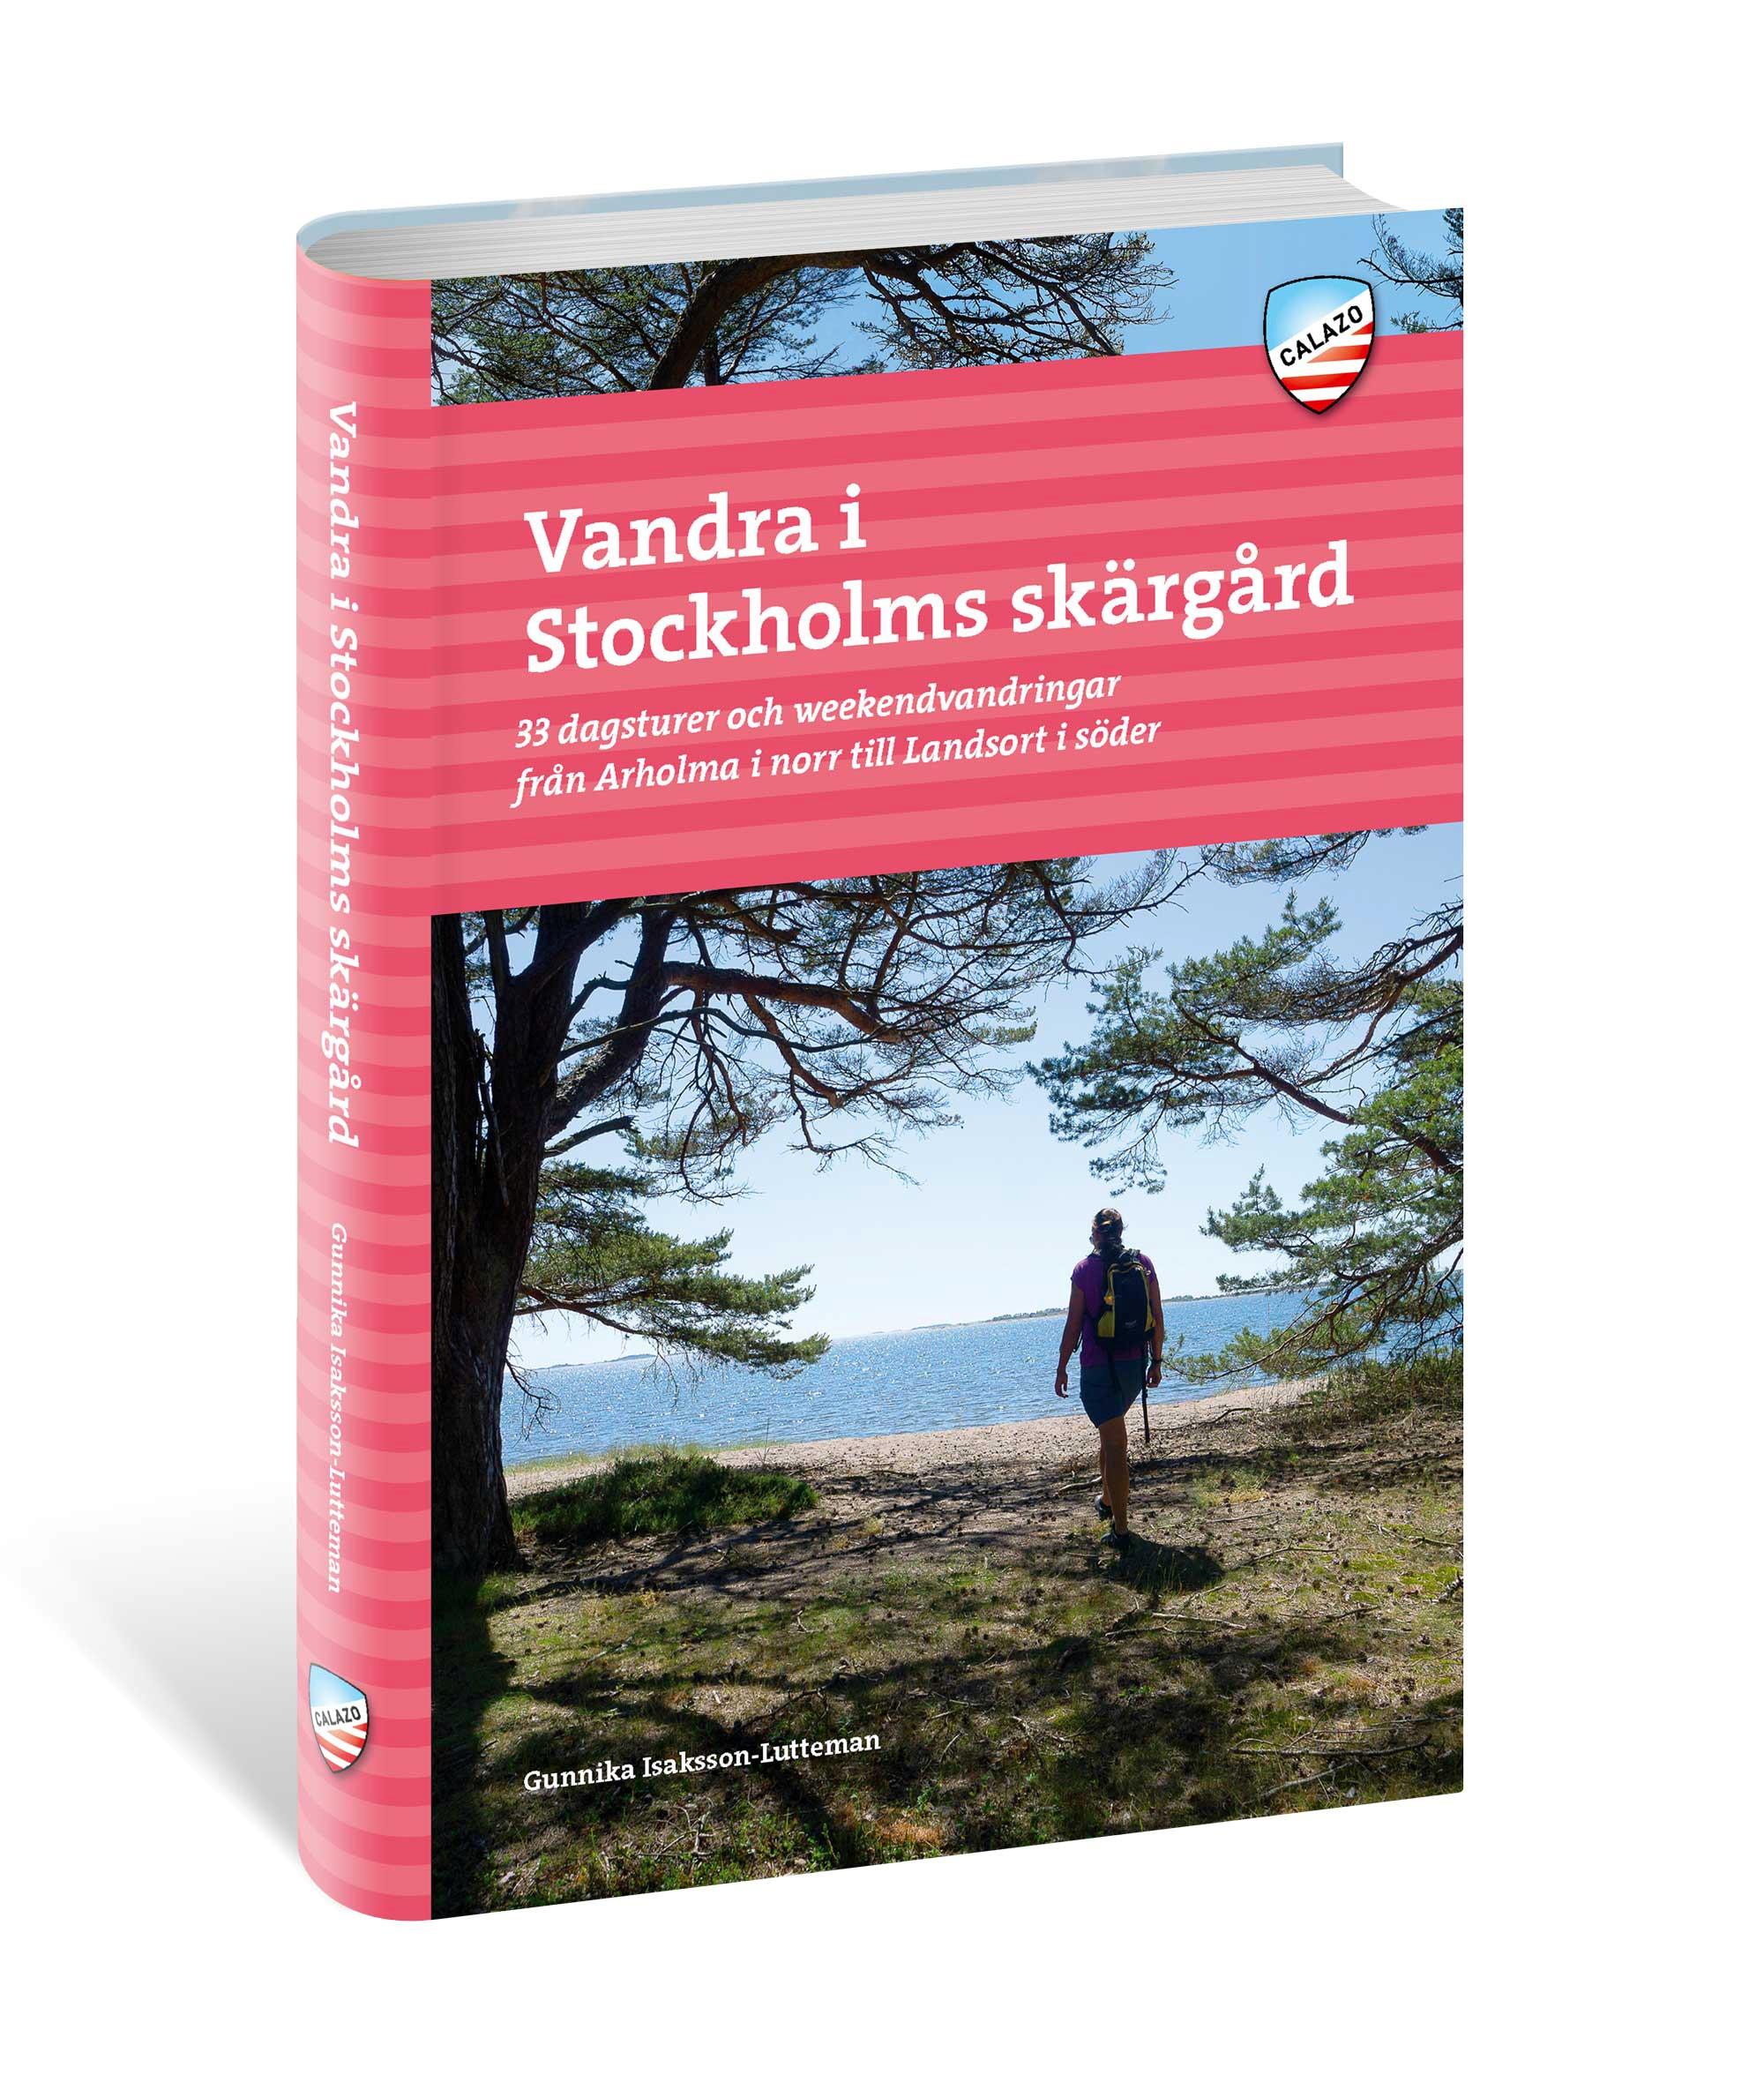 Produktbild Vandra i Stockholms skärgård